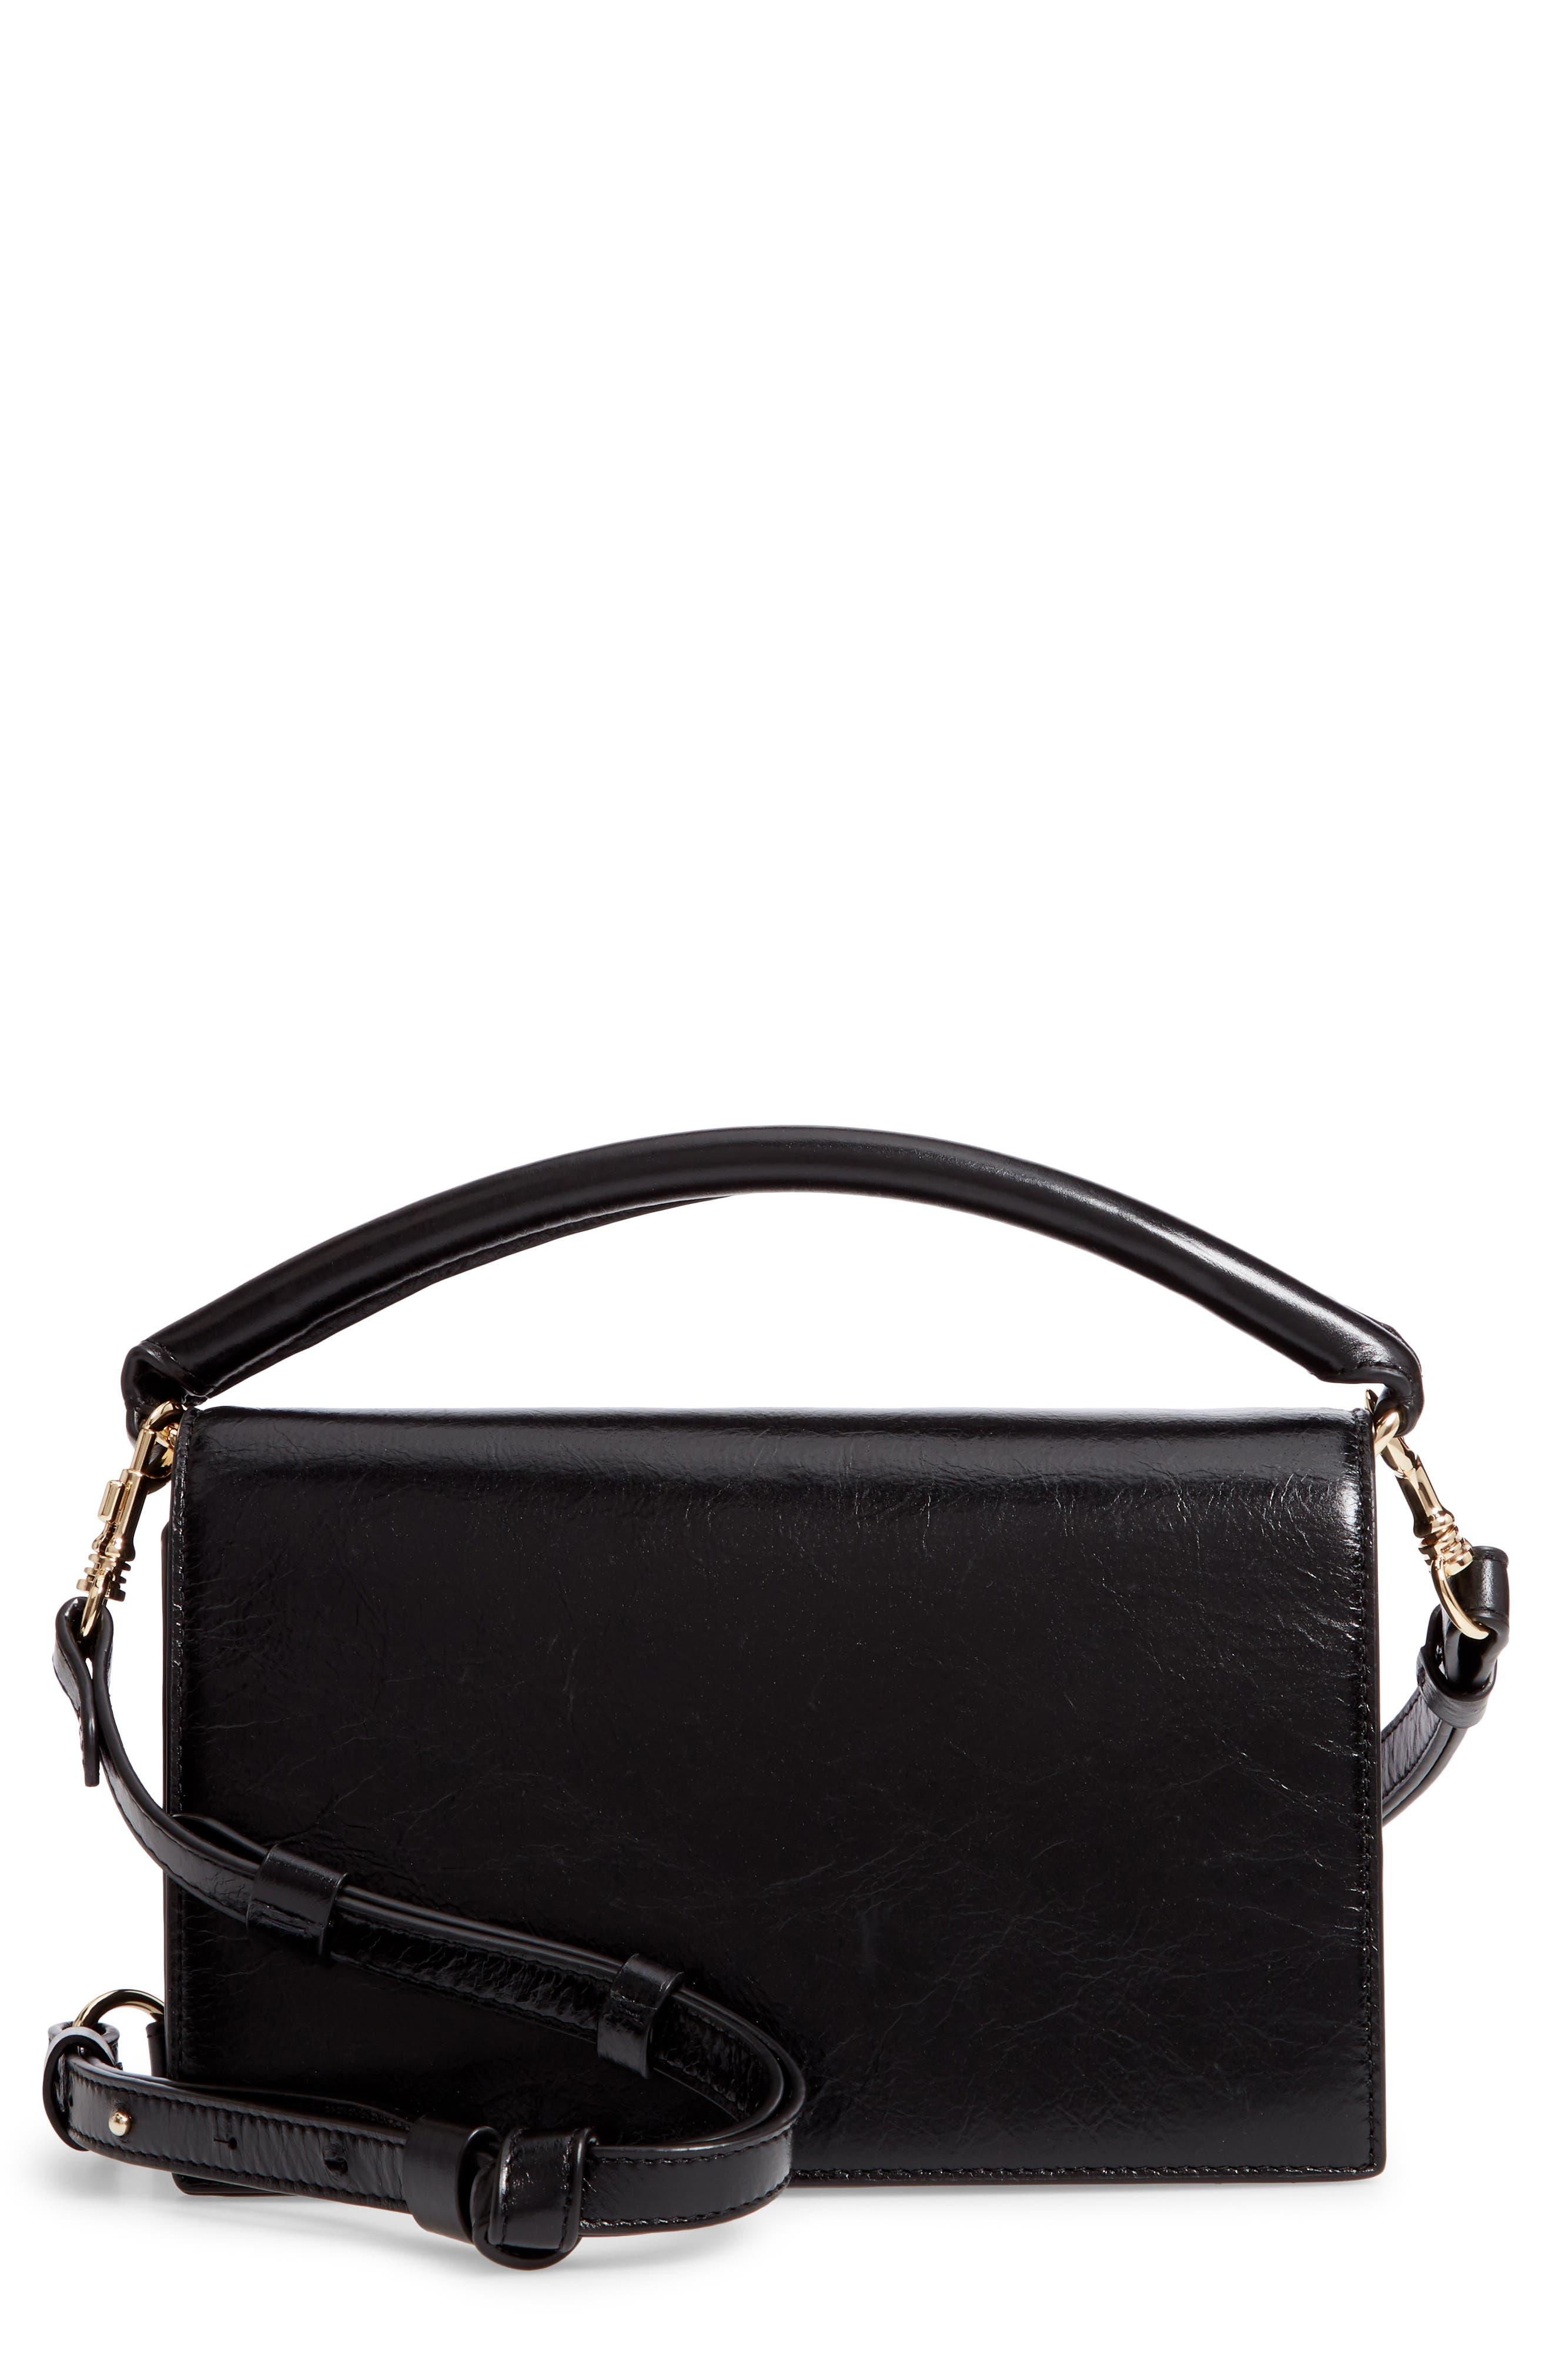 DVF Bonne Soirée Leather Top Handle Bag,                             Main thumbnail 1, color,                             001